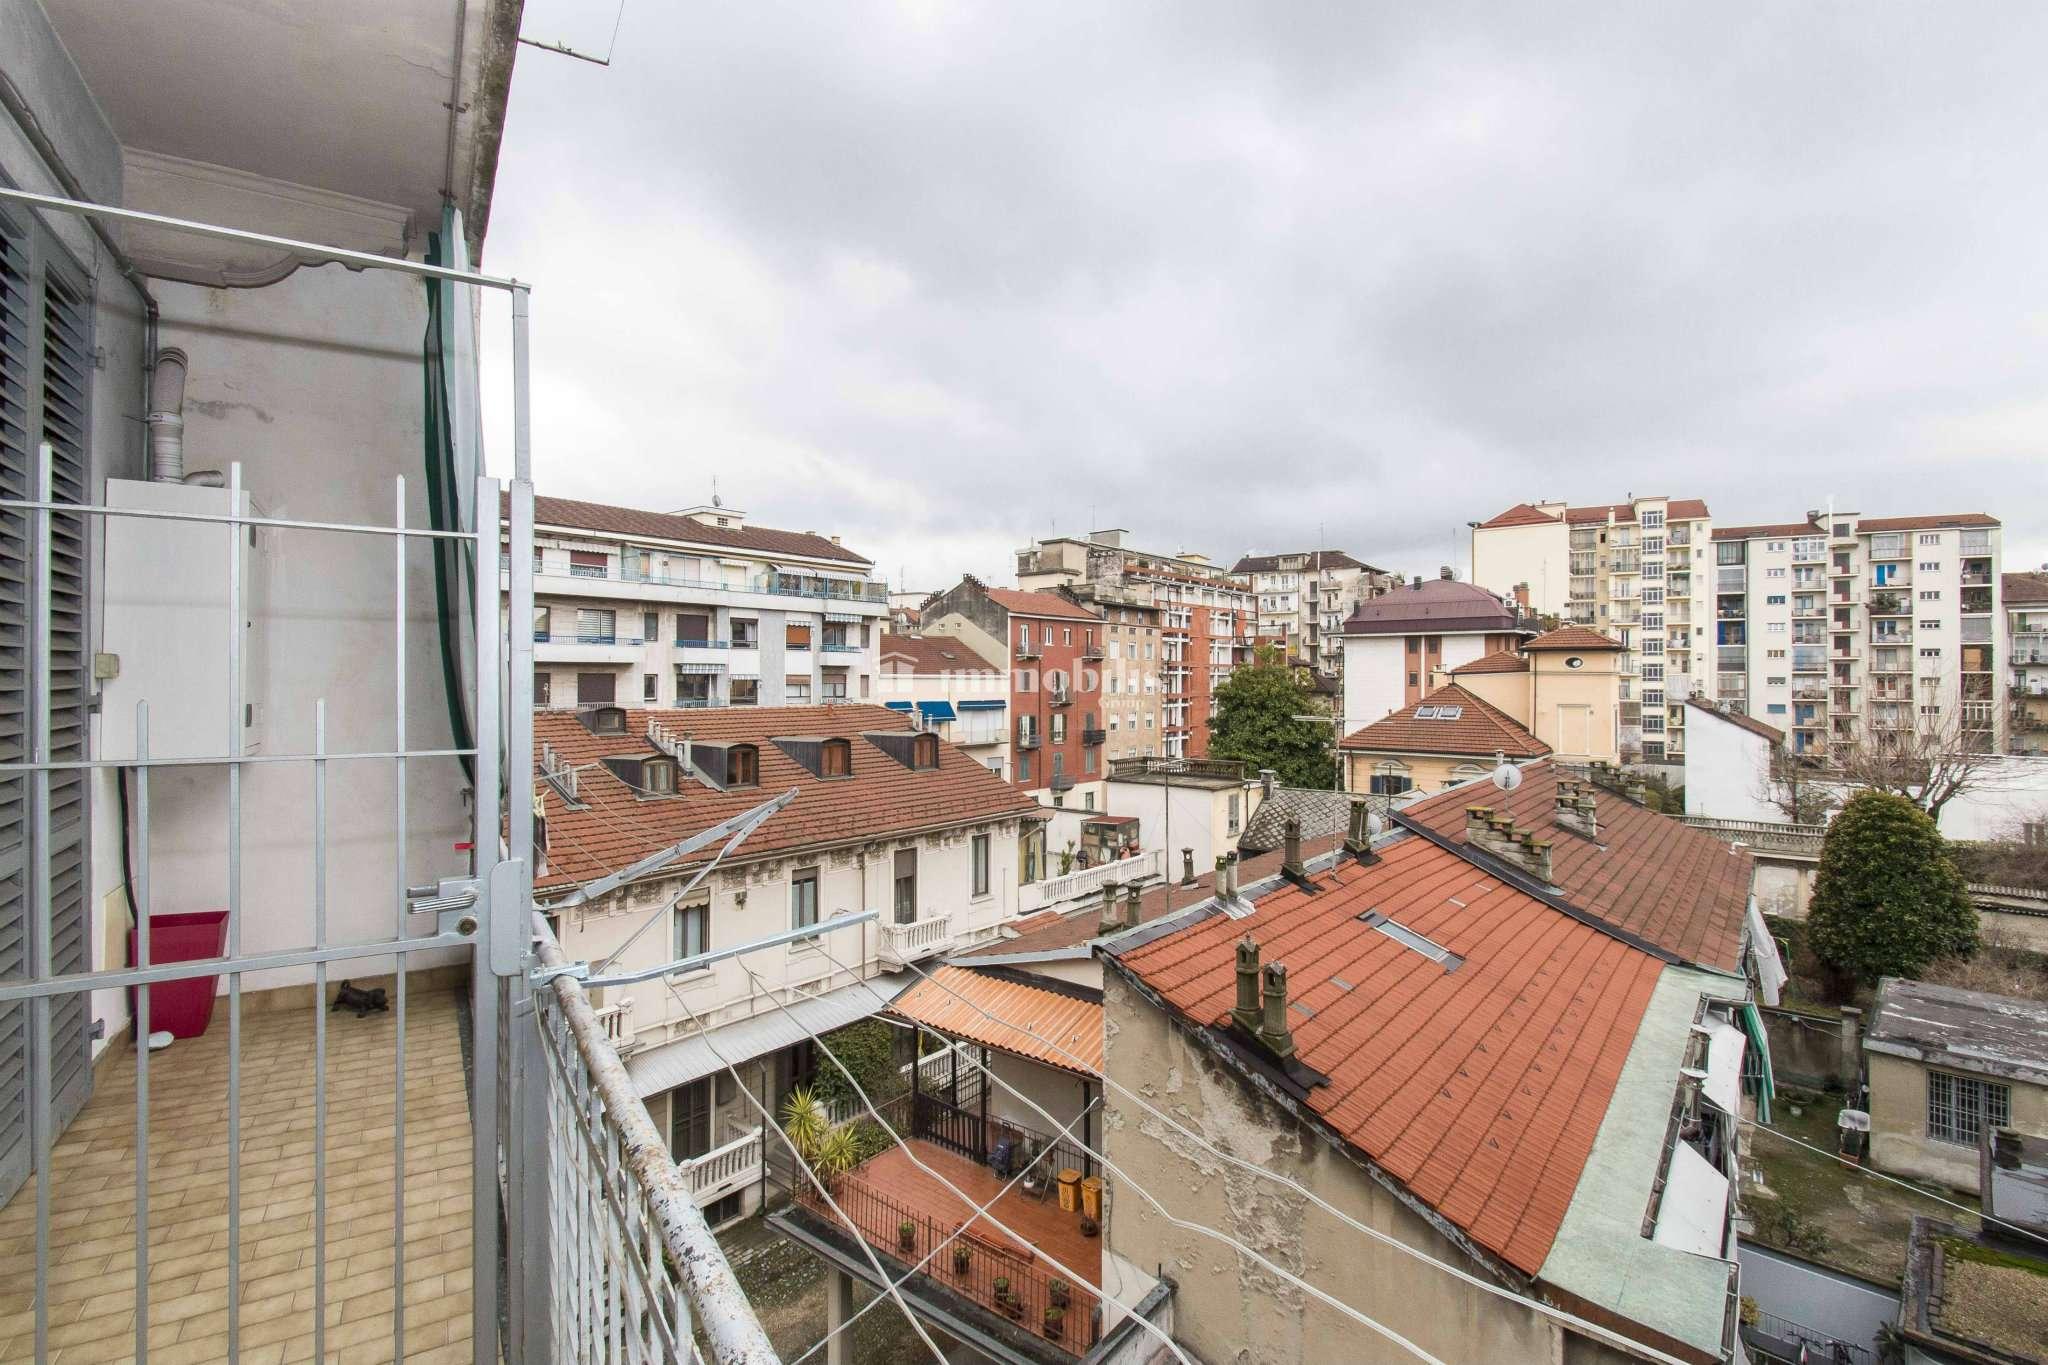 Torino Torino Vendita APPARTAMENTO » alloggio in affitto a torino, case da affittare